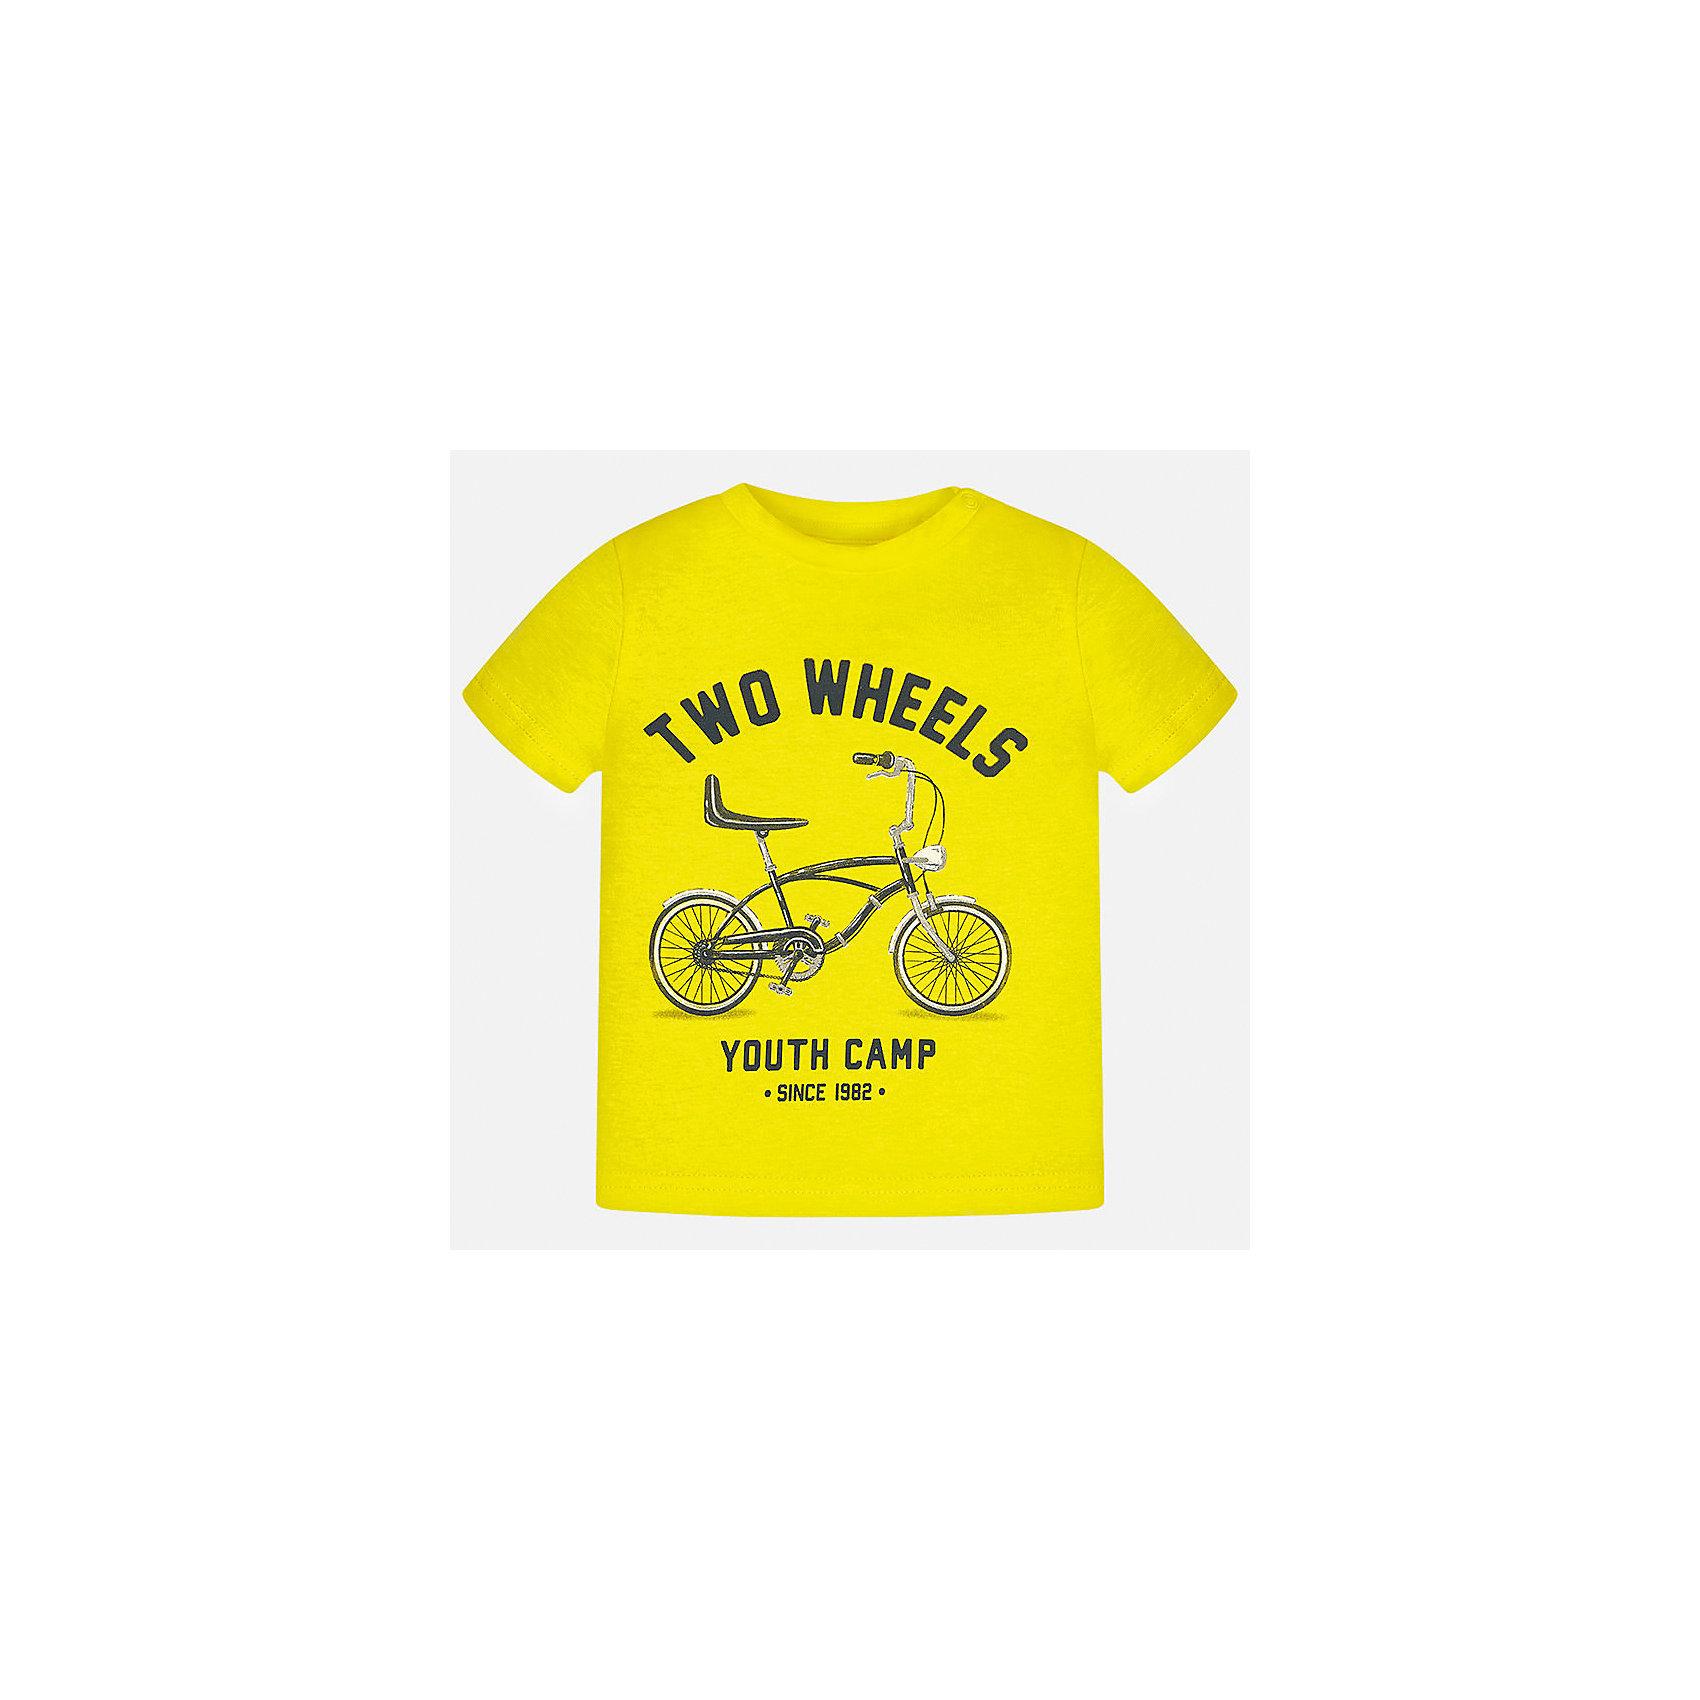 Футболка для мальчика MayoralФутболки, топы<br>Характеристики товара:<br><br>• цвет: желтый<br>• состав: 100% хлопок<br>• круглый горловой вырез<br>• декорирована принтом<br>• короткие рукава<br>• мягкая отделка горловины<br>• страна бренда: Испания<br><br>Красивая хлопковая футболка с принтом поможет разнообразить гардероб мальчика. Она отлично сочетается с брюками, шортами, джинсами. Универсальный крой и цвет позволяет подобрать к вещи низ разных расцветок. Практичное и стильное изделие! Хорошо смотрится и комфортно сидит на детях. В составе материала - только натуральный хлопок, гипоаллергенный, приятный на ощупь, дышащий. <br><br>Одежда, обувь и аксессуары от испанского бренда Mayoral полюбились детям и взрослым по всему миру. Модели этой марки - стильные и удобные. Для их производства используются только безопасные, качественные материалы и фурнитура. Порадуйте ребенка модными и красивыми вещами от Mayoral! <br><br>Футболку для мальчика от испанского бренда Mayoral (Майорал) можно купить в нашем интернет-магазине.<br><br>Ширина мм: 199<br>Глубина мм: 10<br>Высота мм: 161<br>Вес г: 151<br>Цвет: желтый<br>Возраст от месяцев: 12<br>Возраст до месяцев: 15<br>Пол: Мужской<br>Возраст: Детский<br>Размер: 80,86,92<br>SKU: 5278505